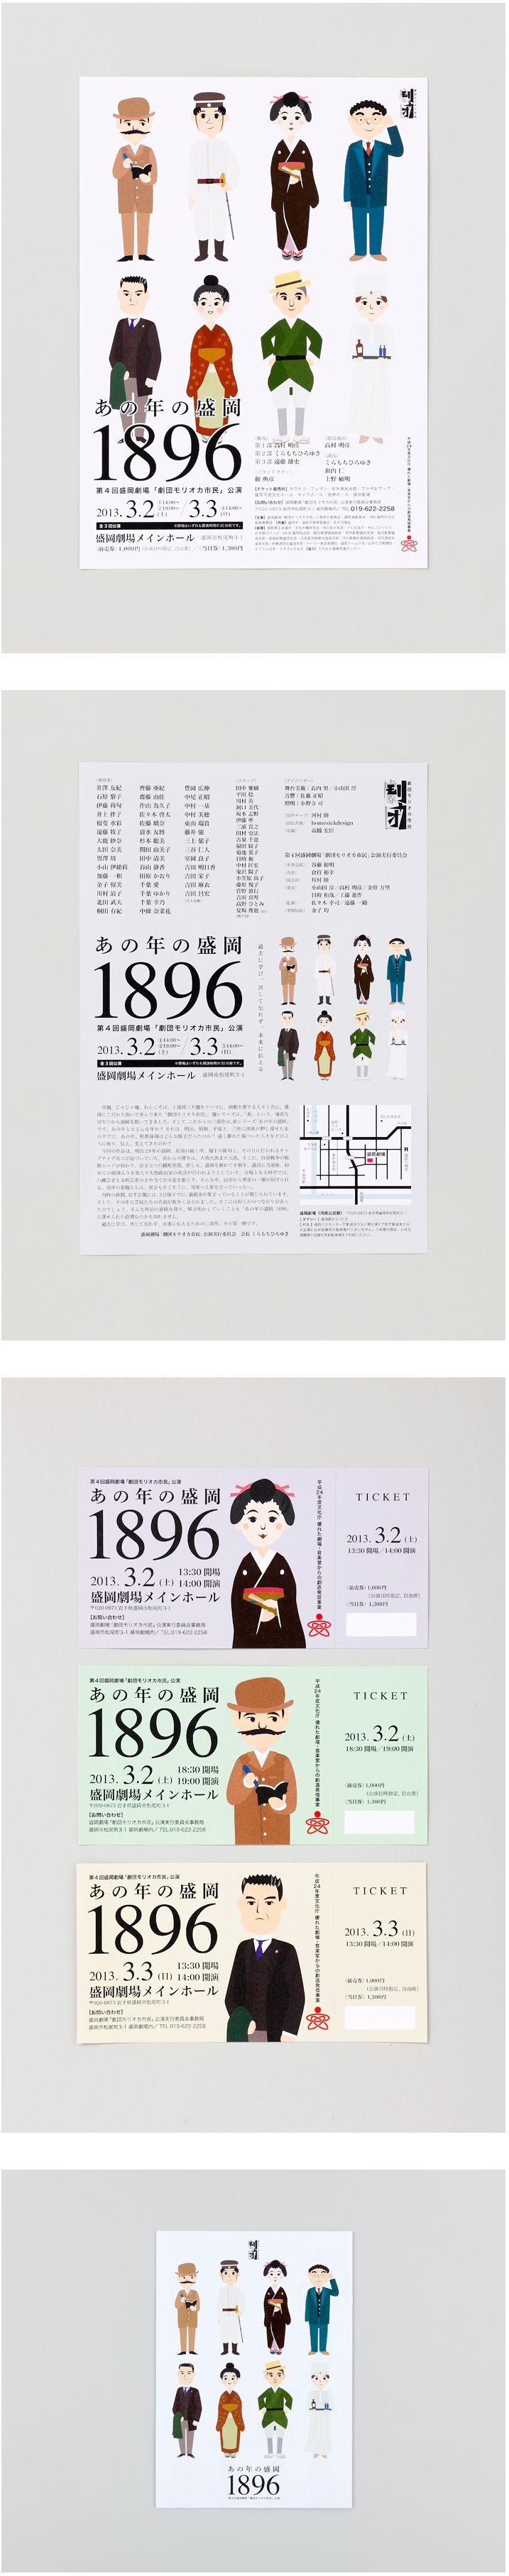 劇団モリオカ市民「あの年の盛岡1896」フライヤー・チケット・パンフレット | homesickdesign